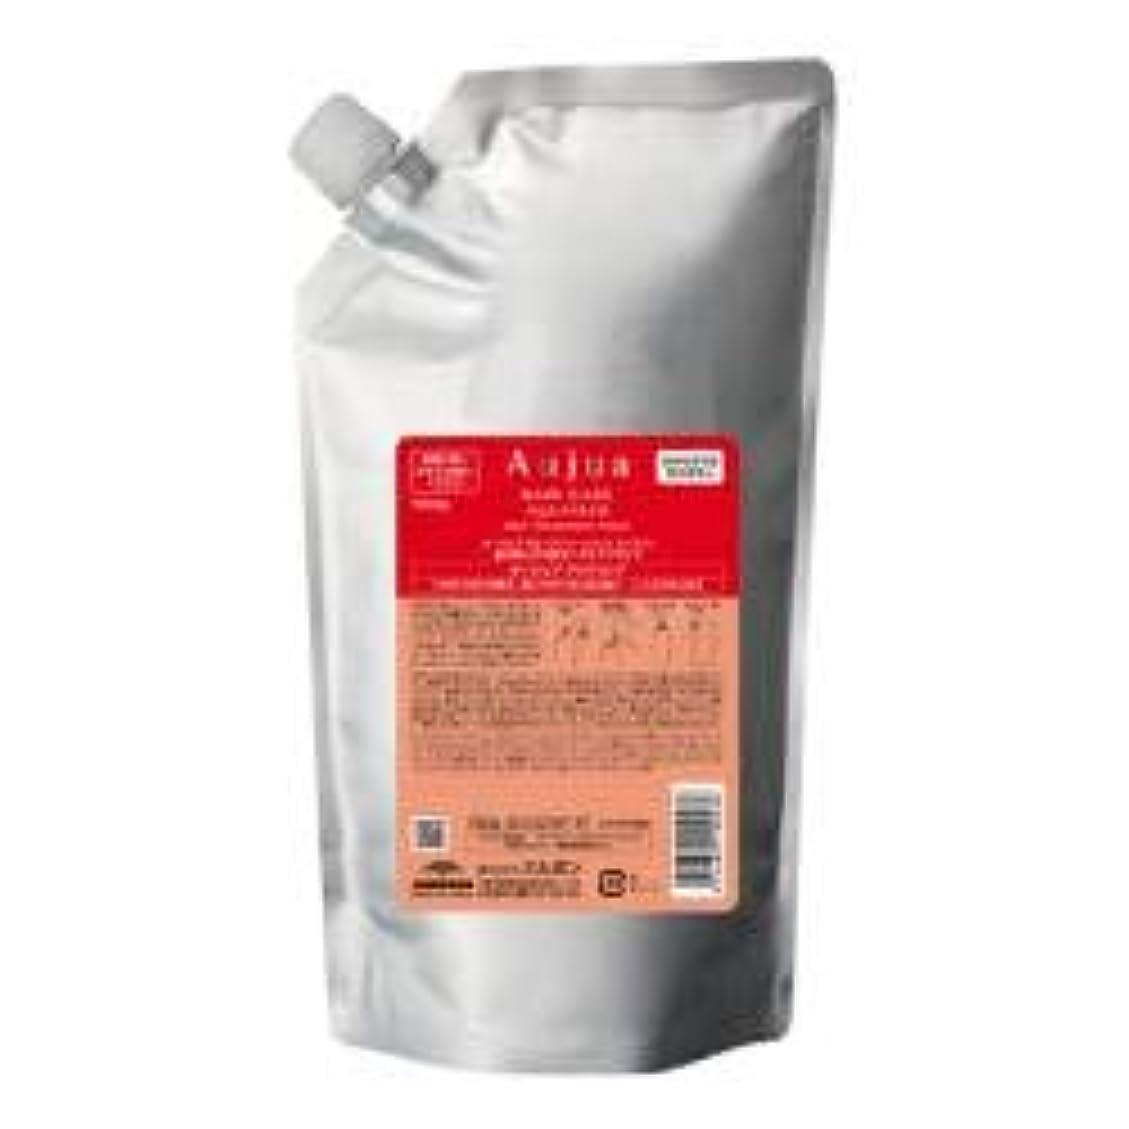 アコーパン屋不注意オージュア AQ アクアヴィア ヘアトリートメント モイスト(1kg)